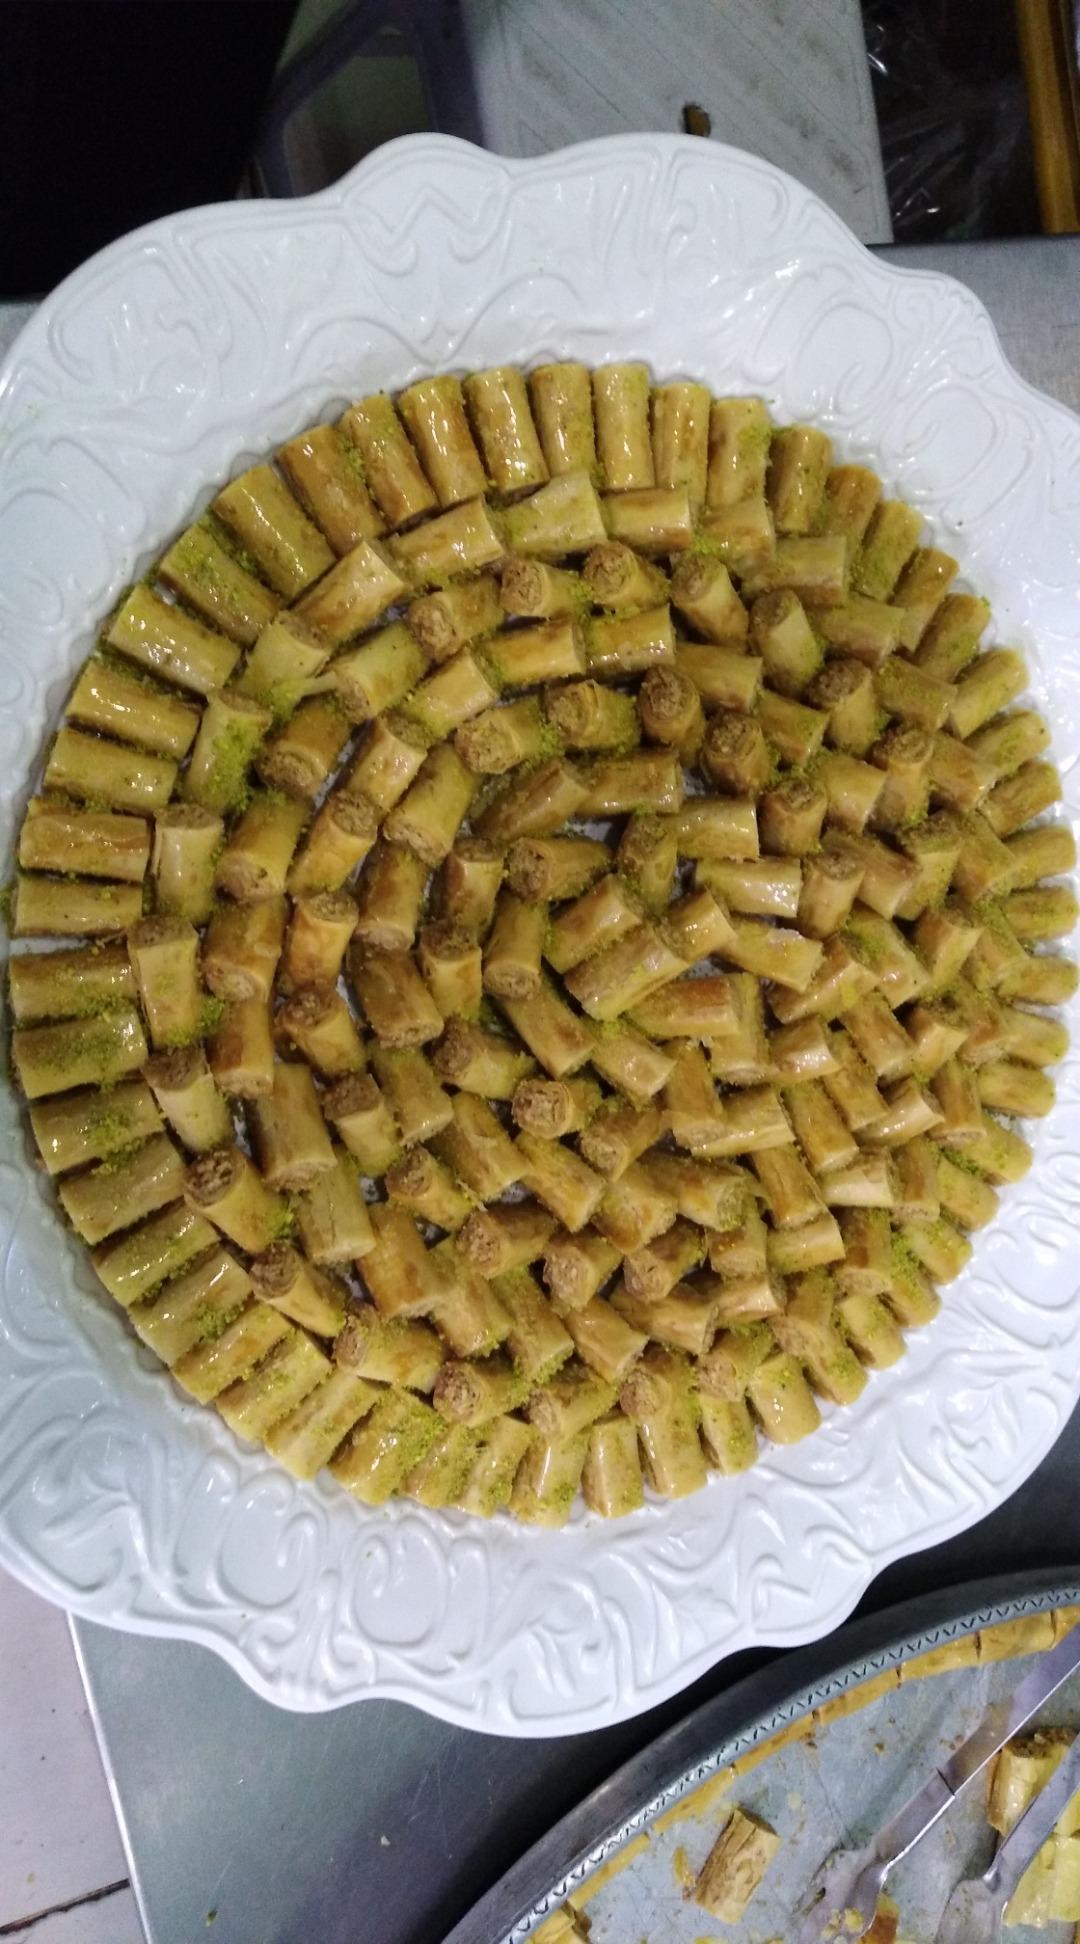 حلويات طارق فرع جدعلي @ Tariq Pastries - Bahrain